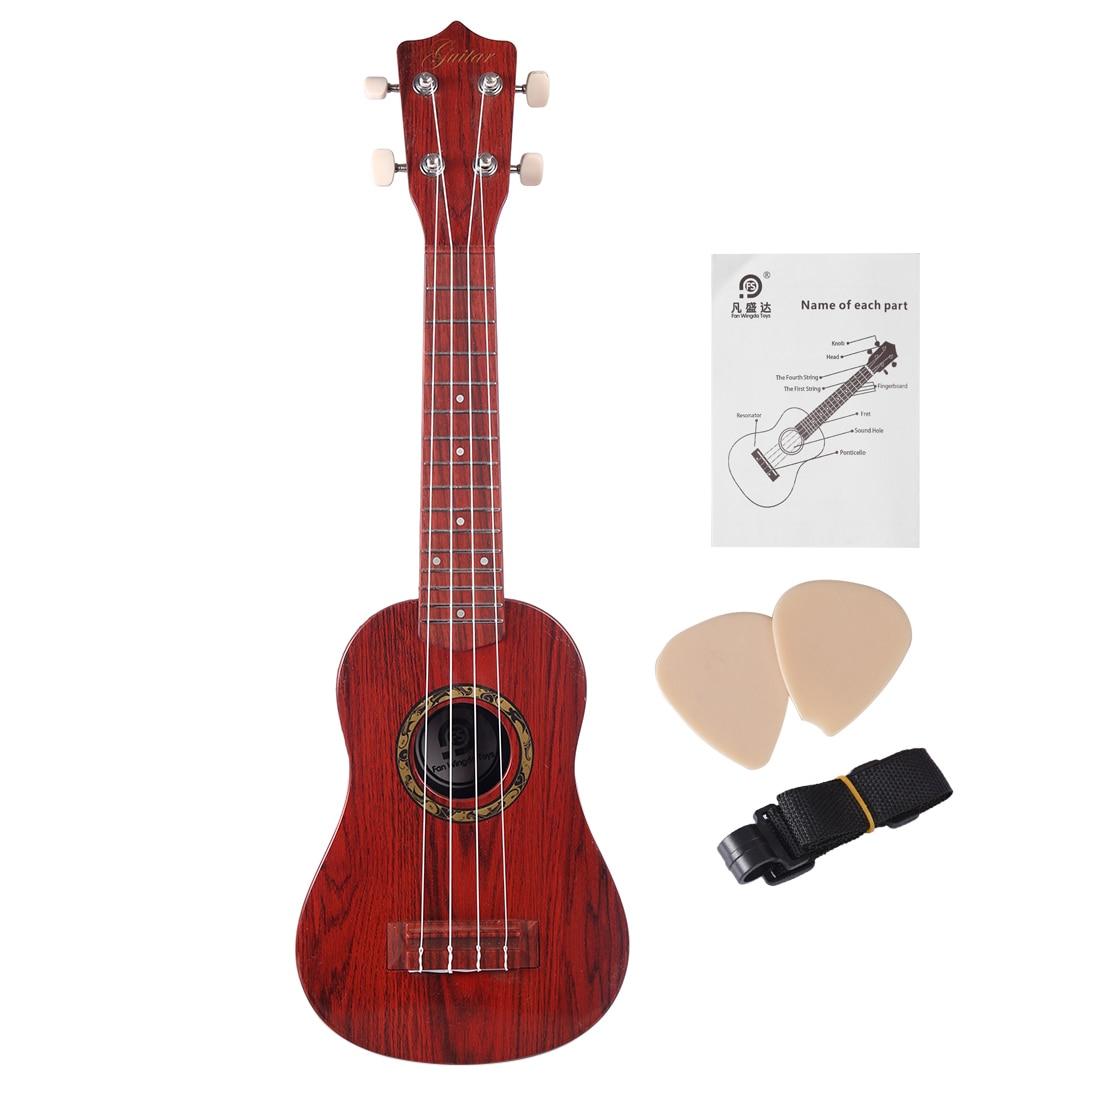 Enfants guitare éducation précoce Instrument de musique jouet jouets musicaux pour enfants bébé cadeau d'anniversaire-Grain de bois d'acacia